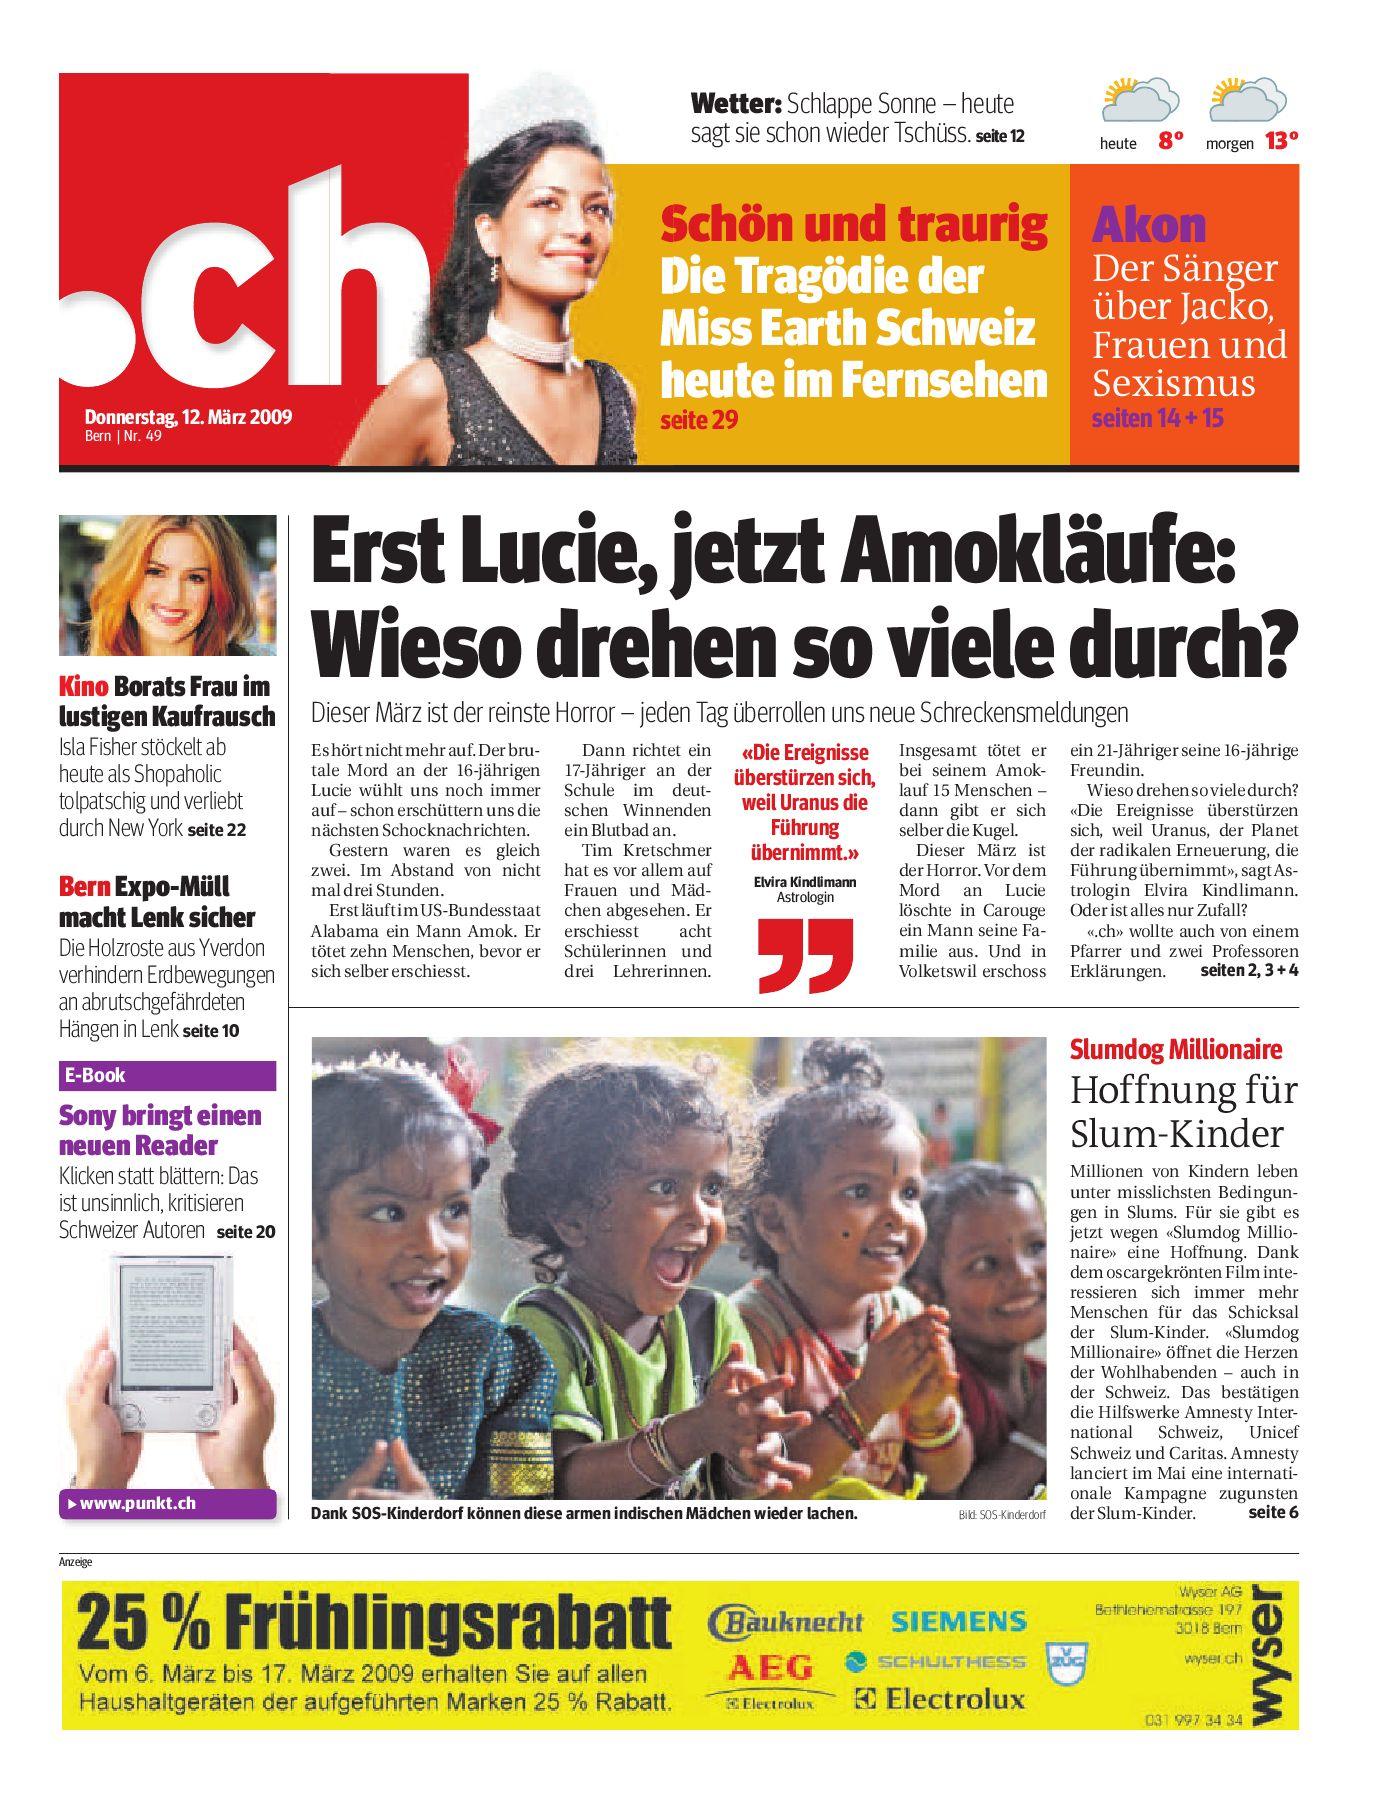 Friedenspfeife - Simmental Zeitung